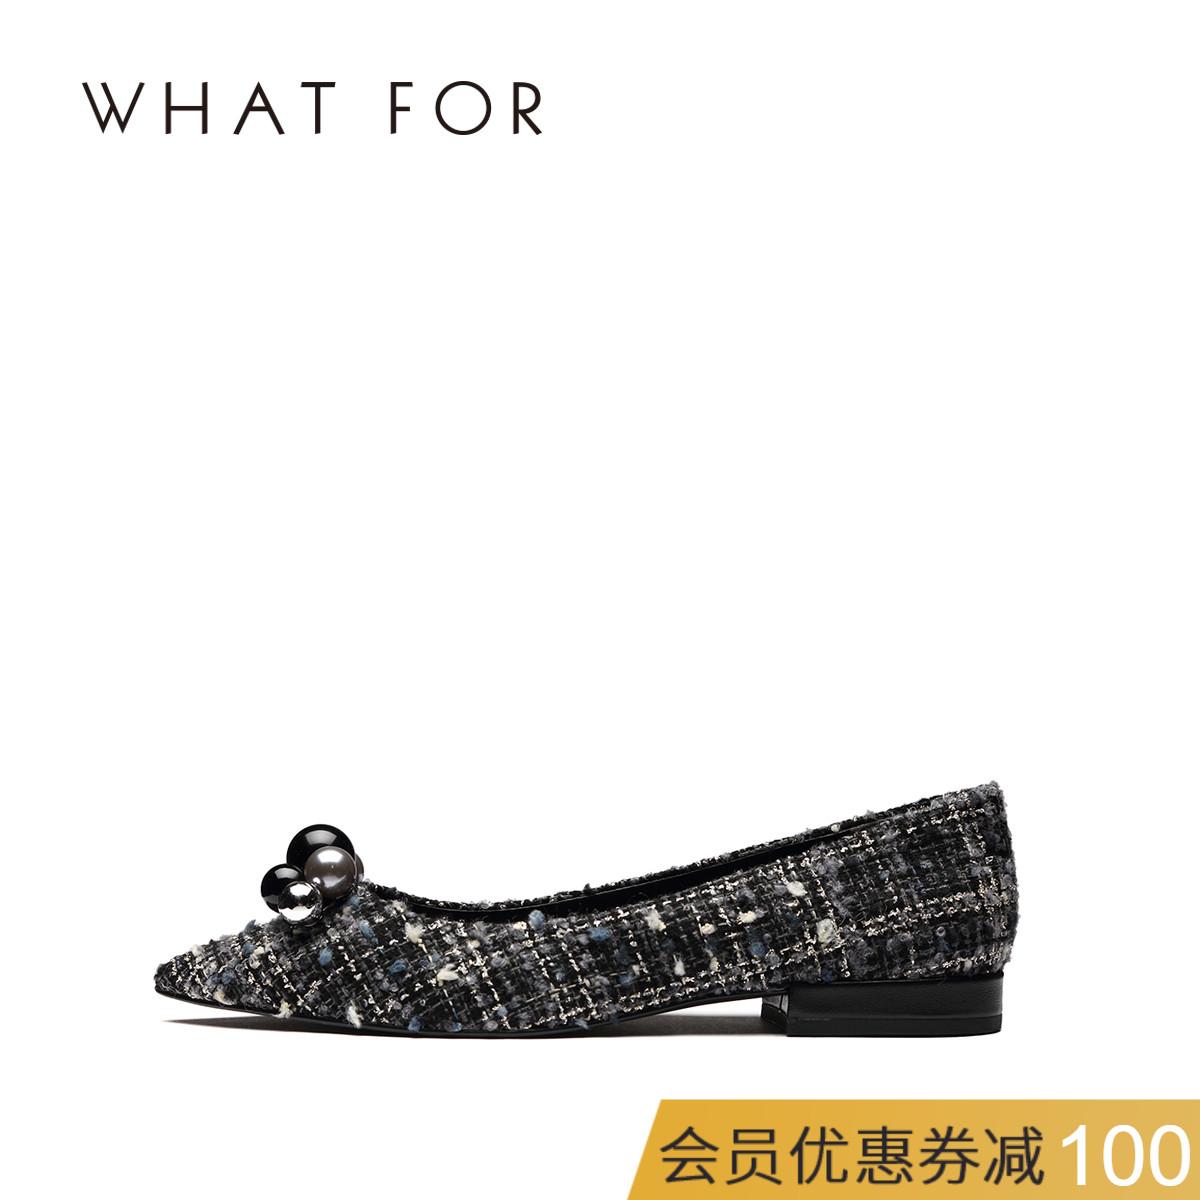 WHAT FOR2018秋季新款羊皮漆皮時尚珍珠淺口尖頭低跟平底鞋女單鞋